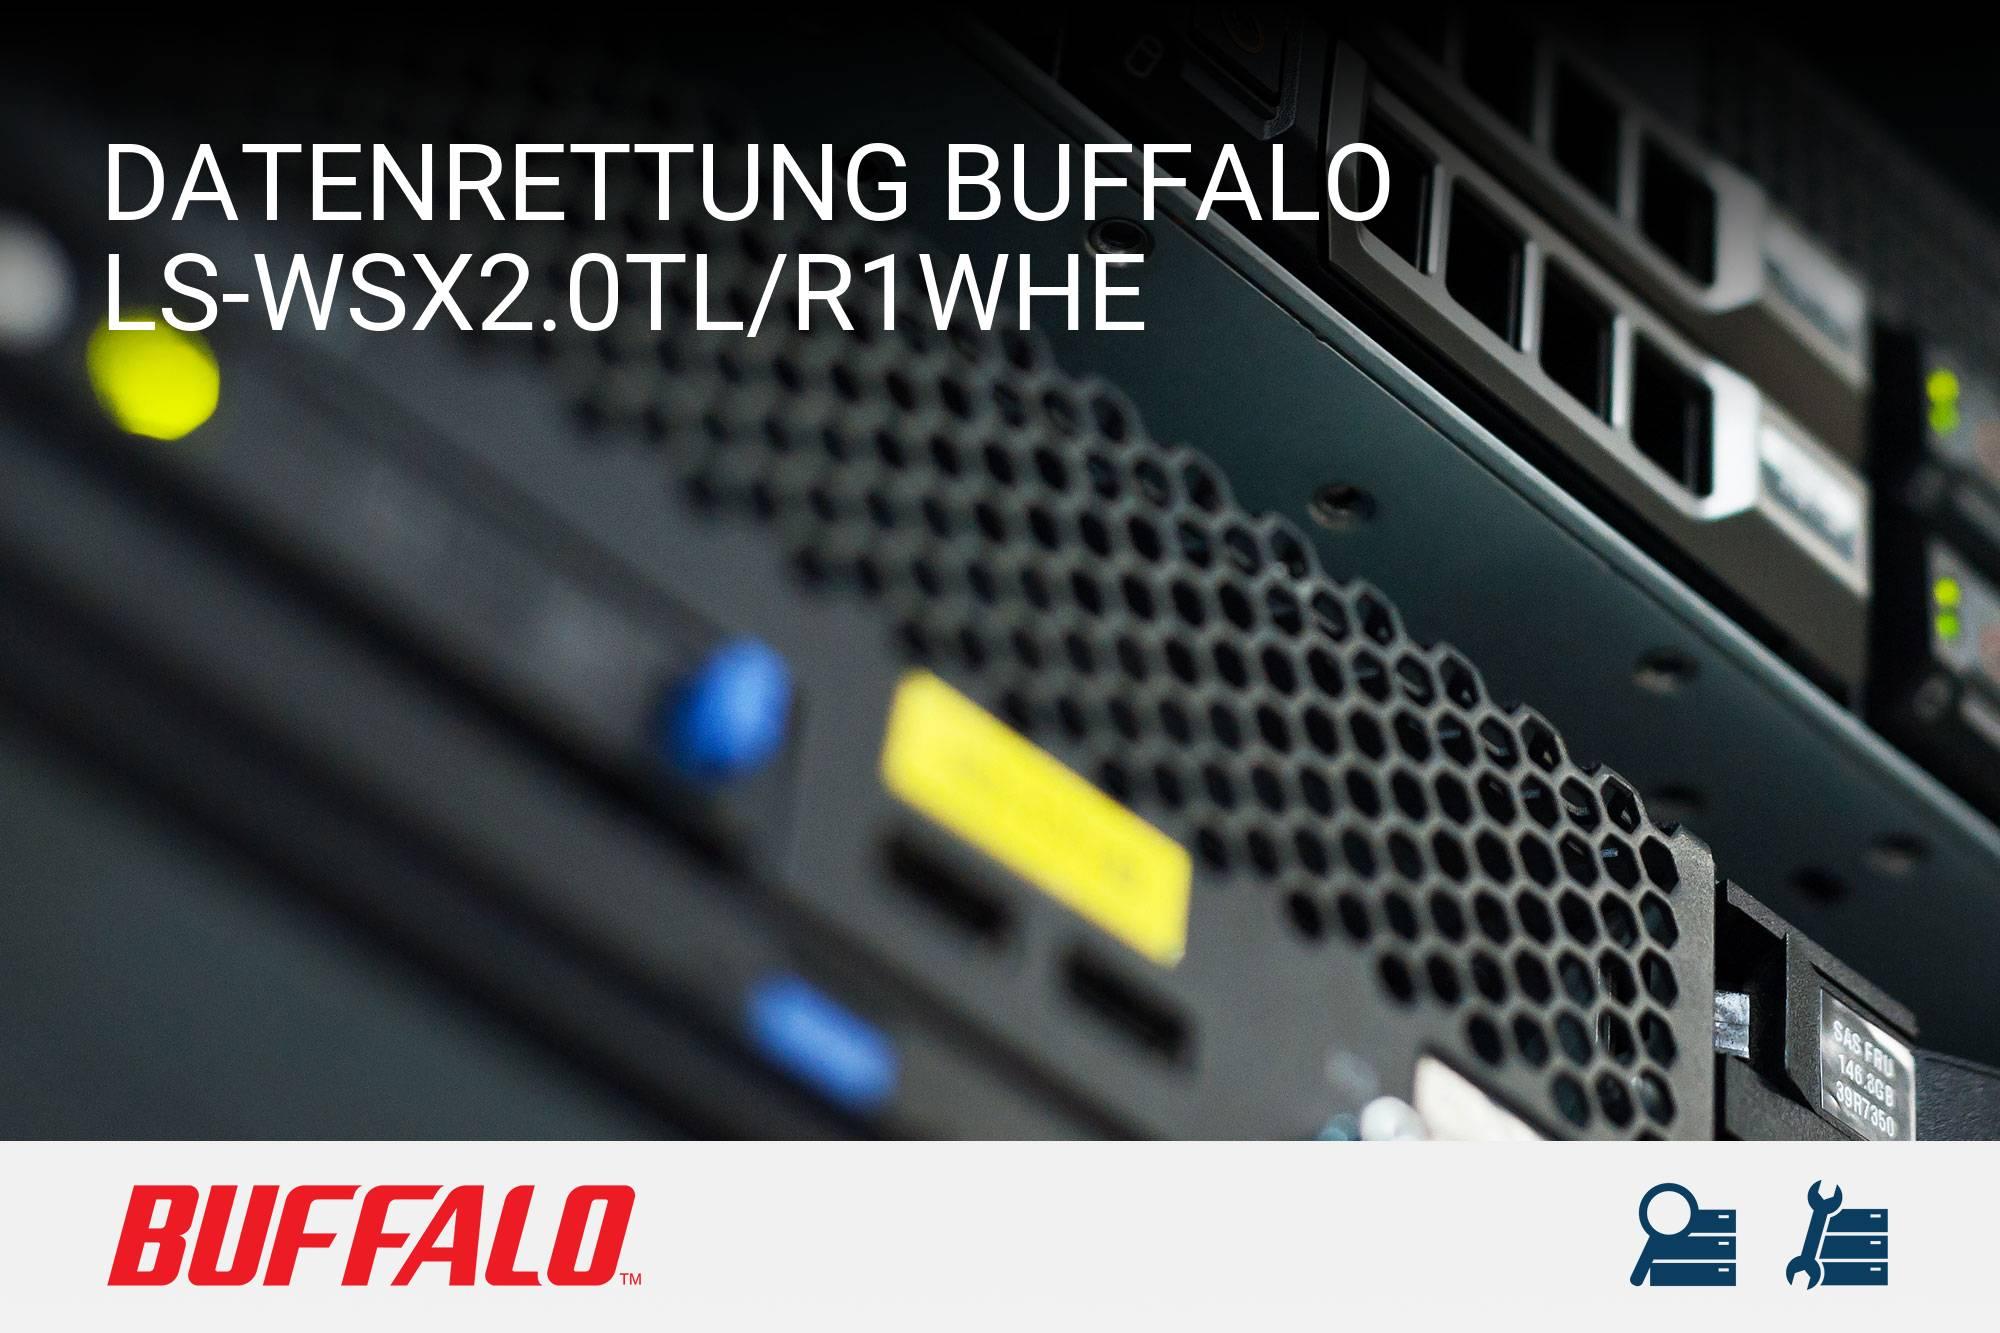 Buffalo LS-WSX2.0TL/R1WHE